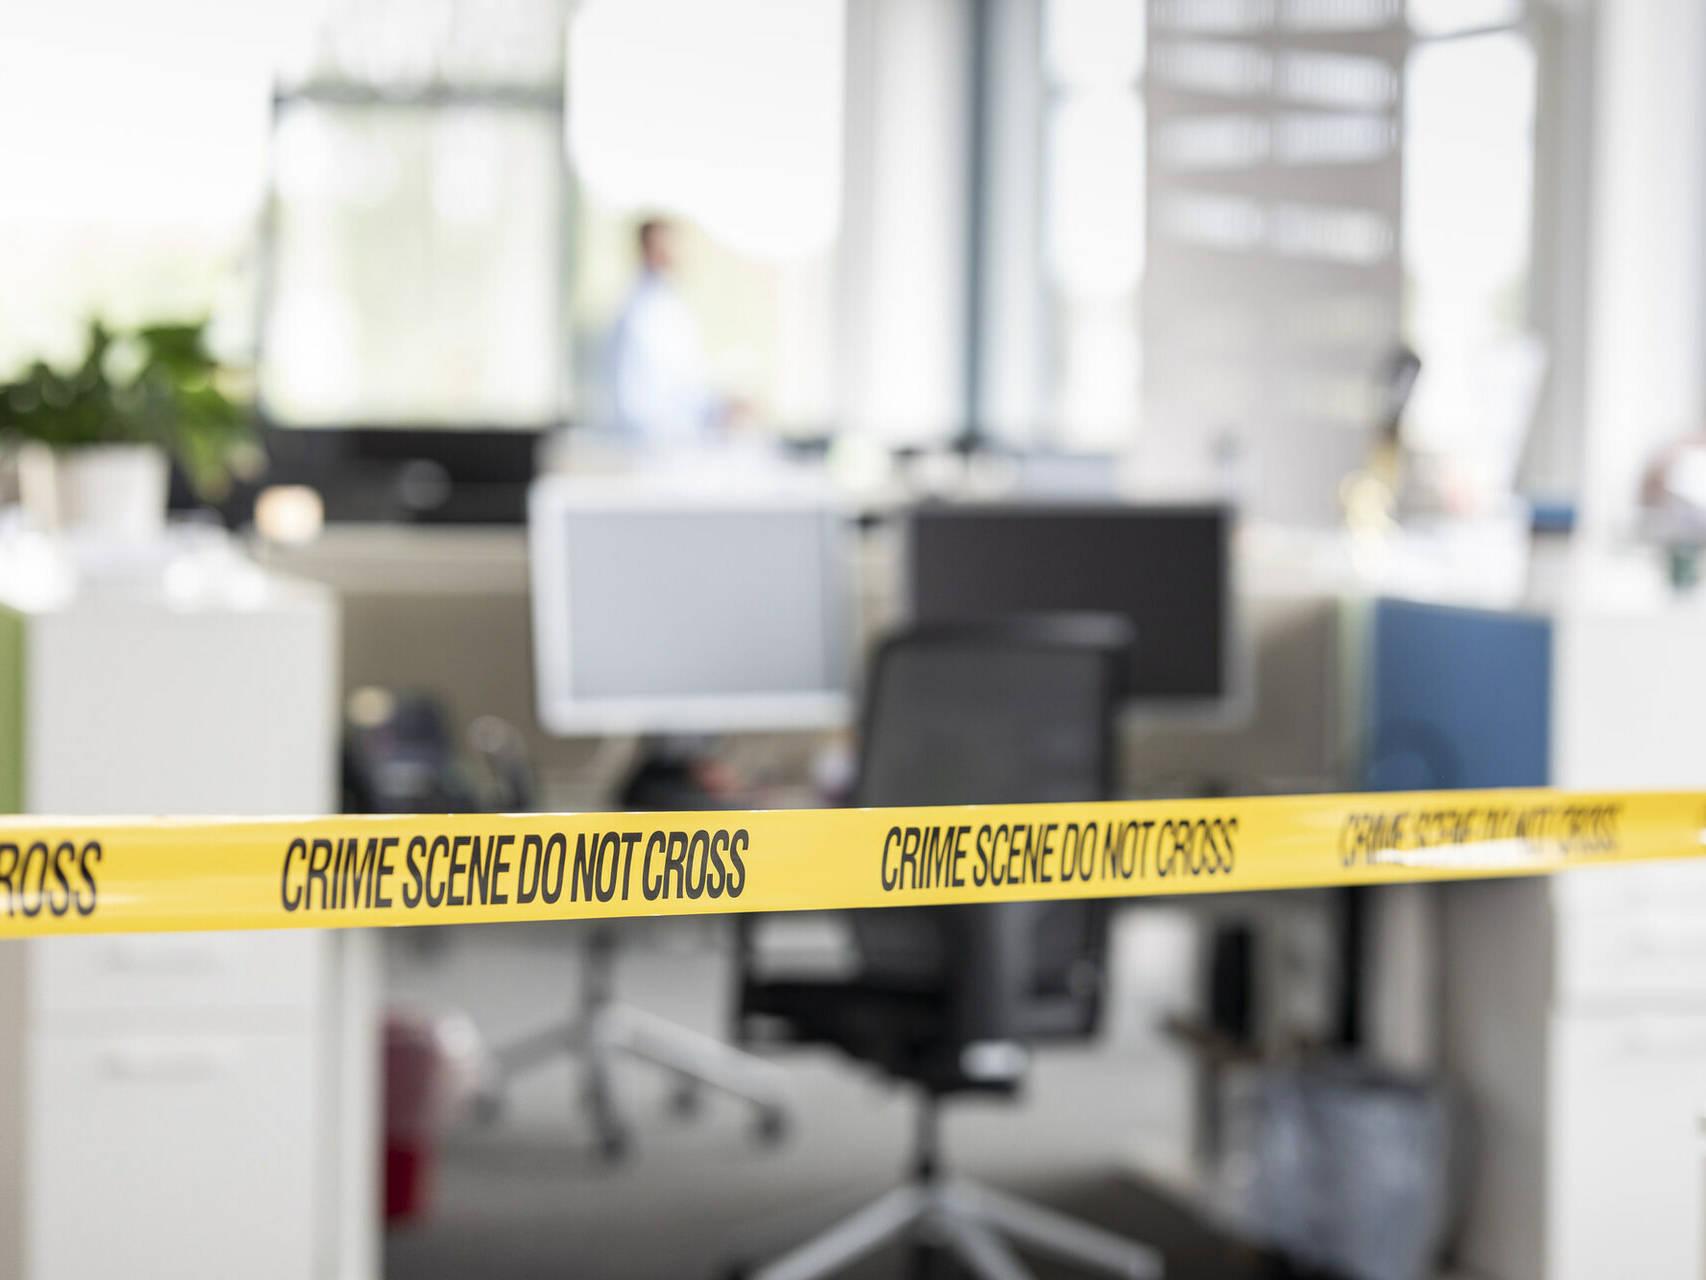 Abgesperrtes Büro mit Tatort-Absperrband